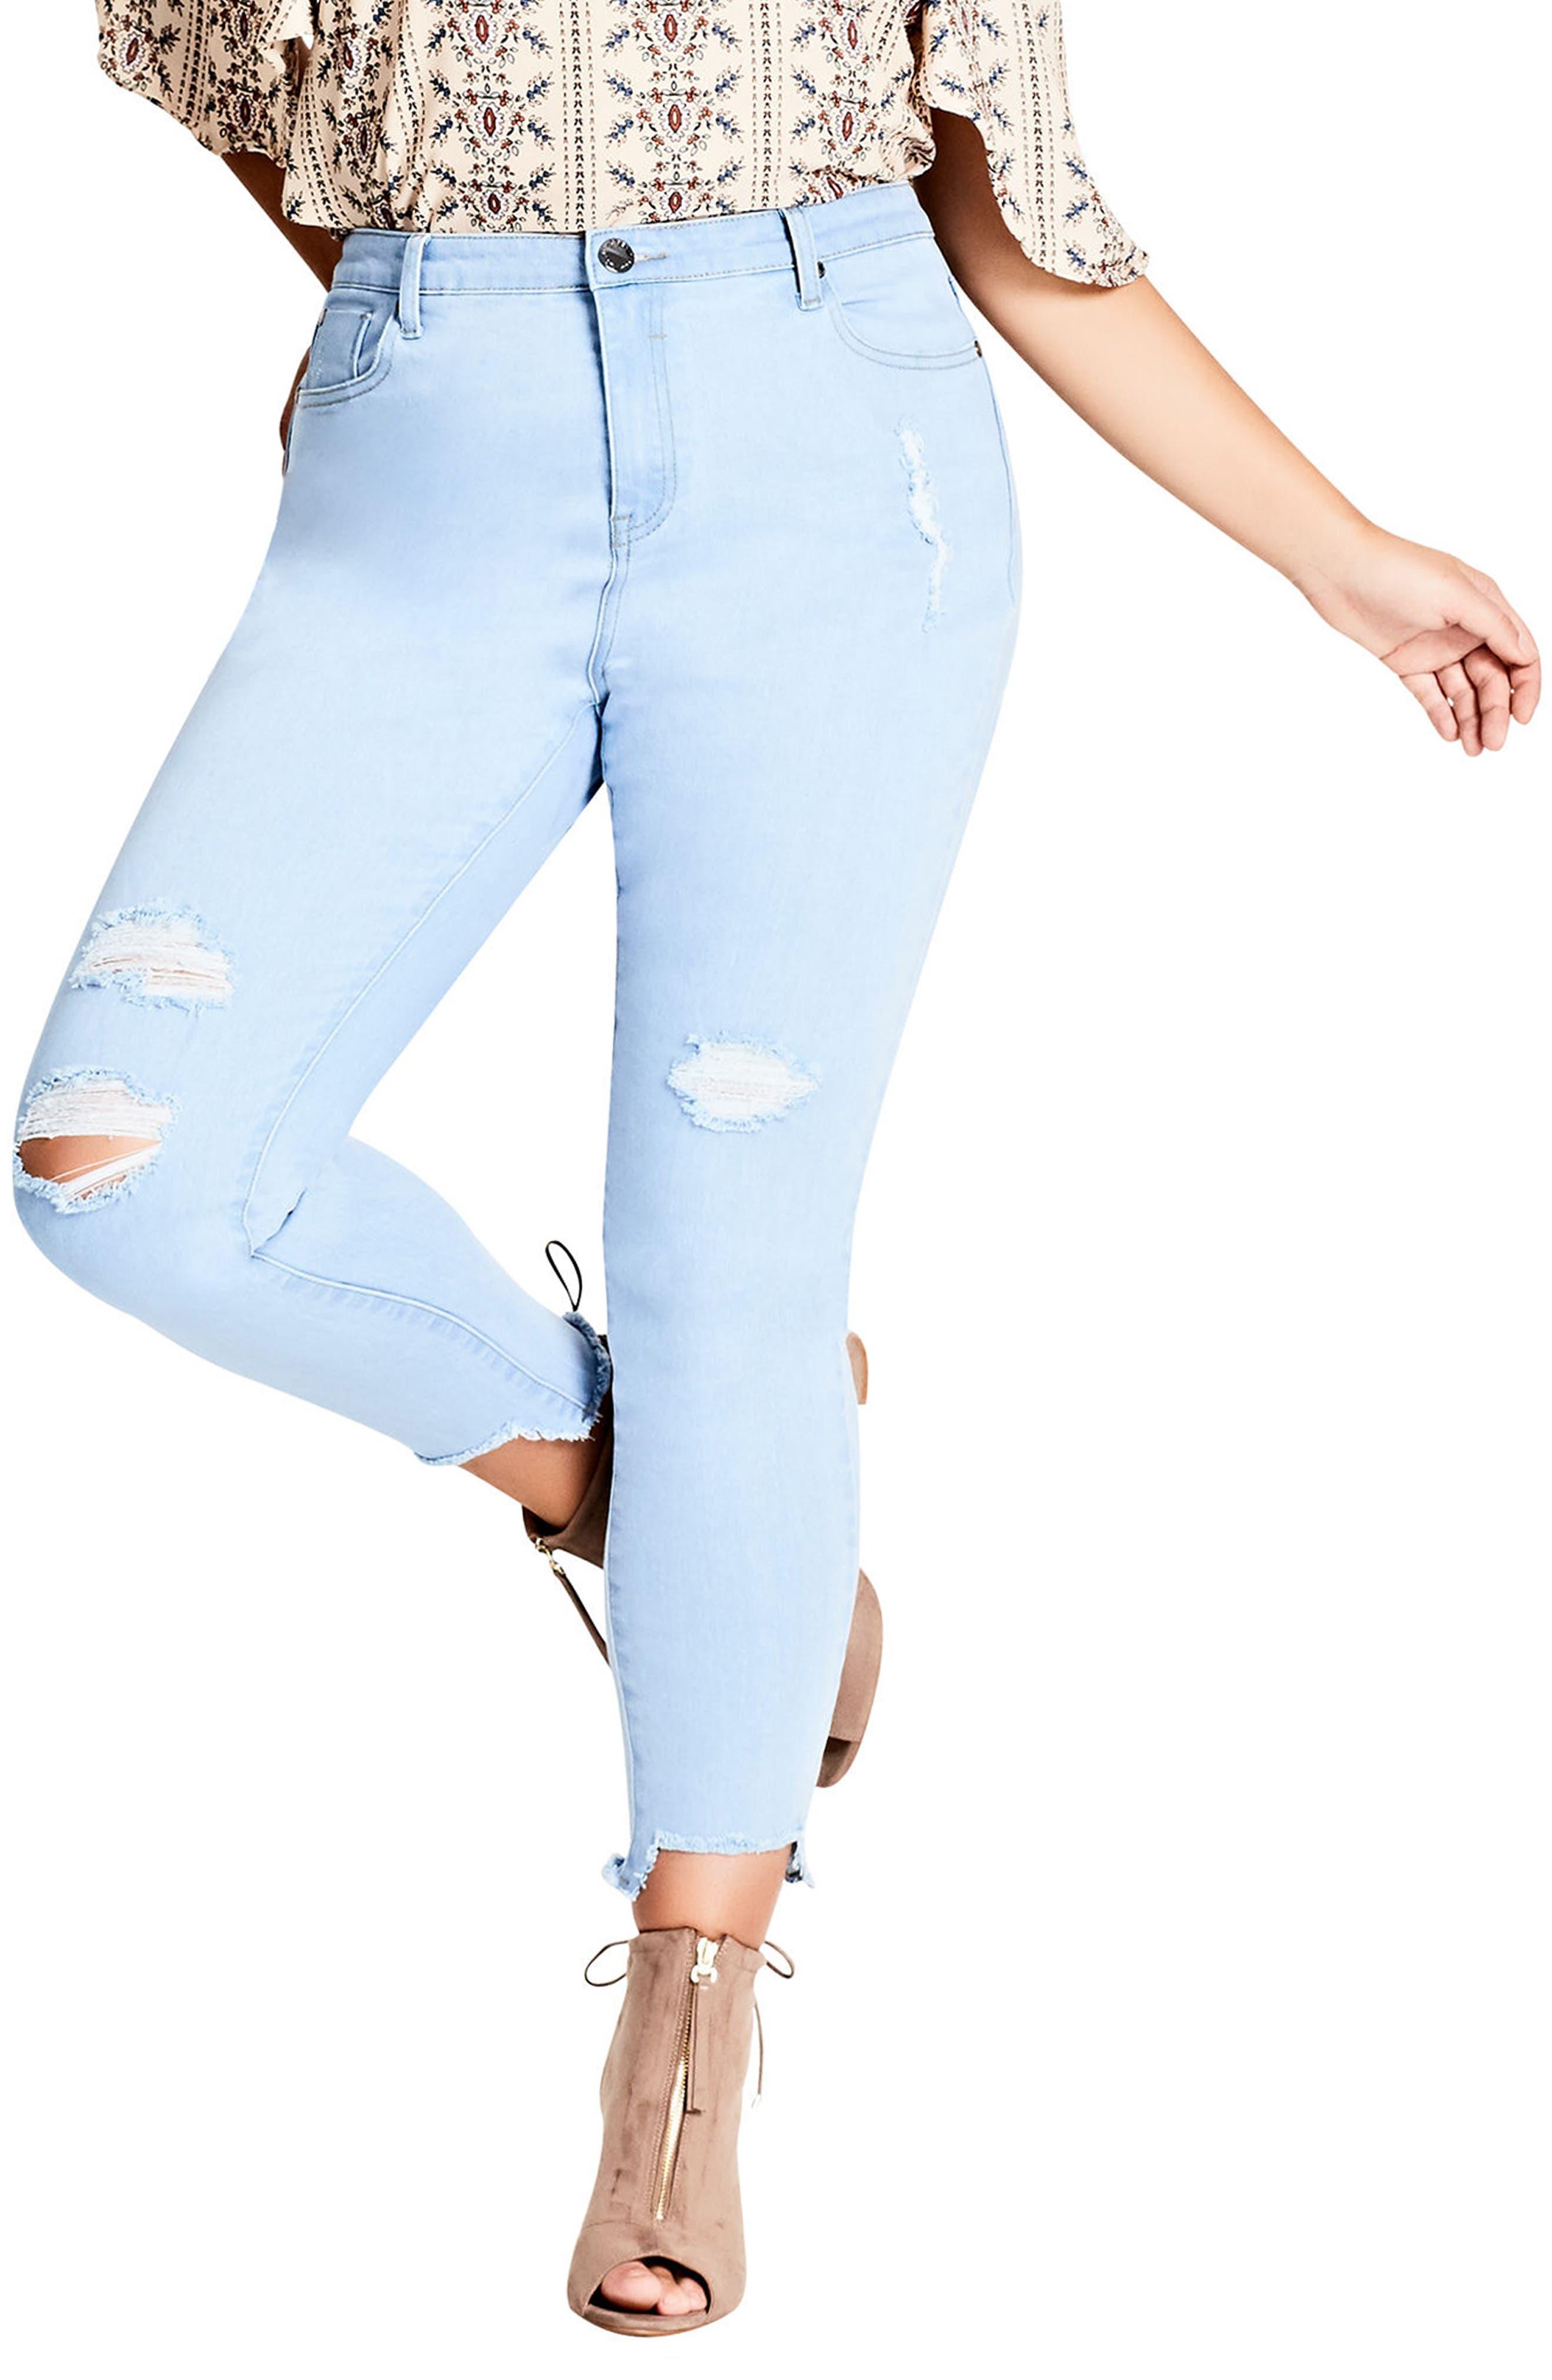 Ice Queen Crop Skinny Jeans,                         Main,                         color, Light Denim